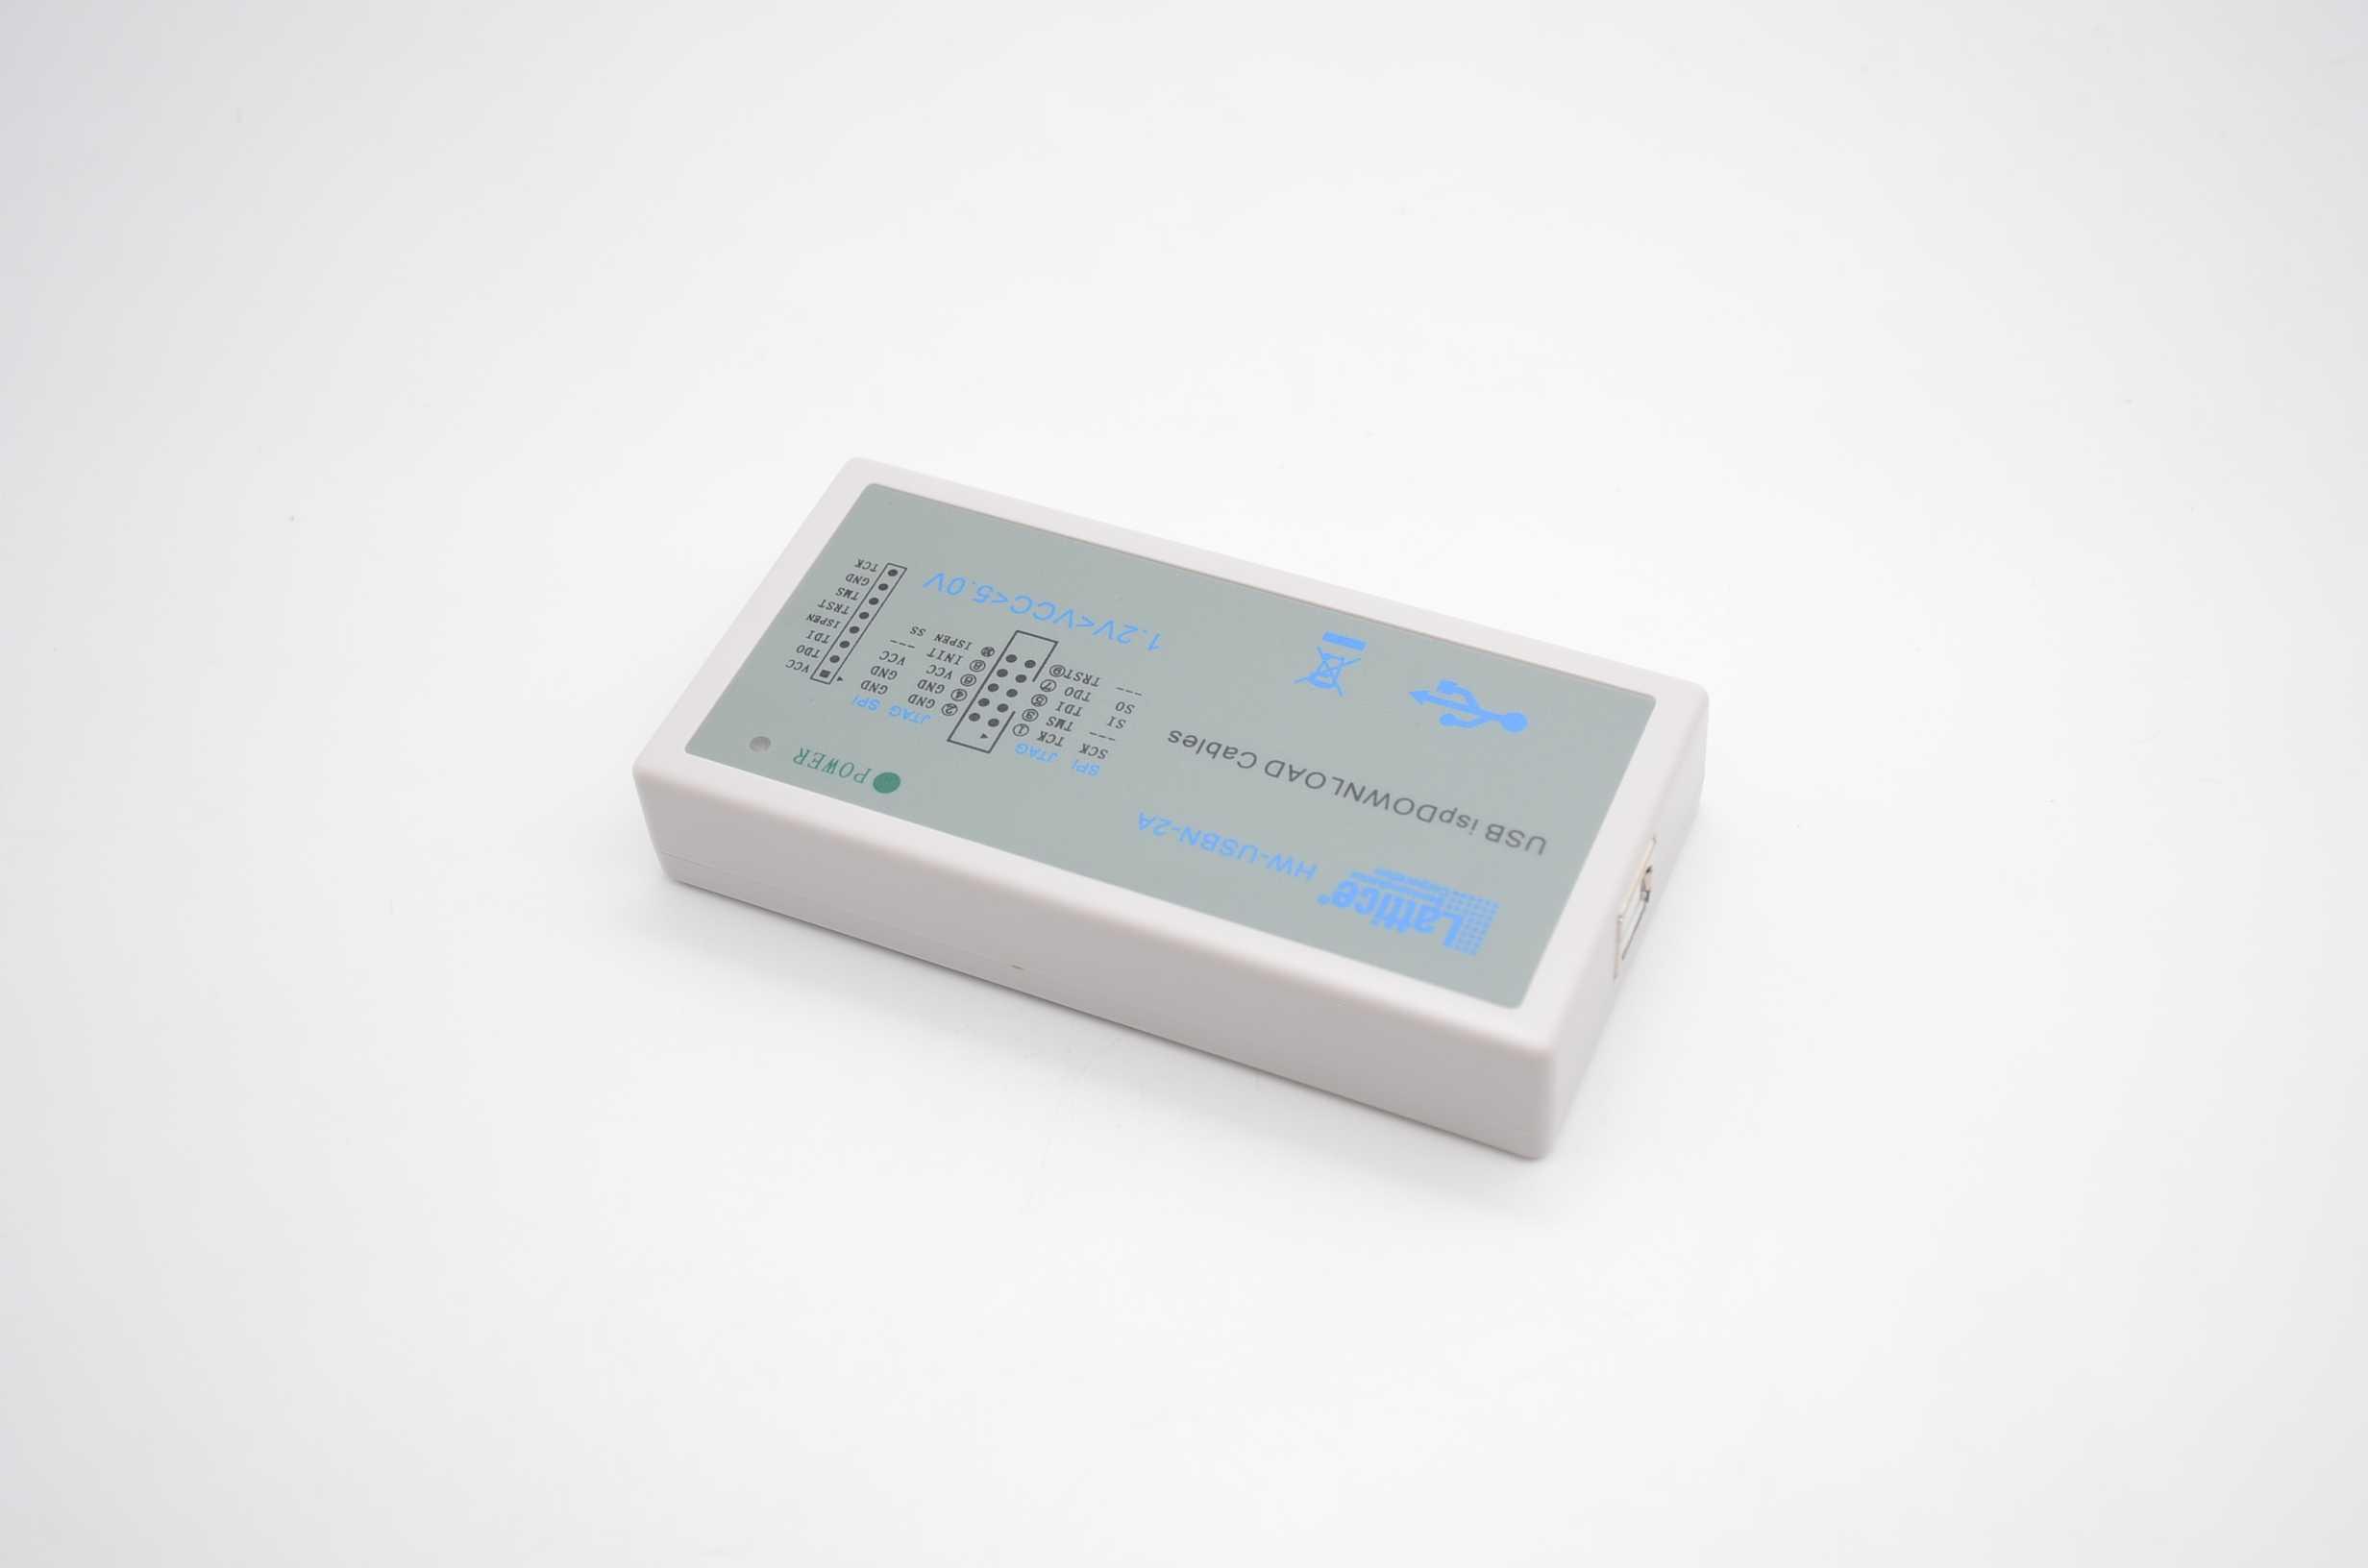 USB Isp скачать кабель JTAG SPI программист для решетки FPGA CPLD макетная плата Поддержка Windows